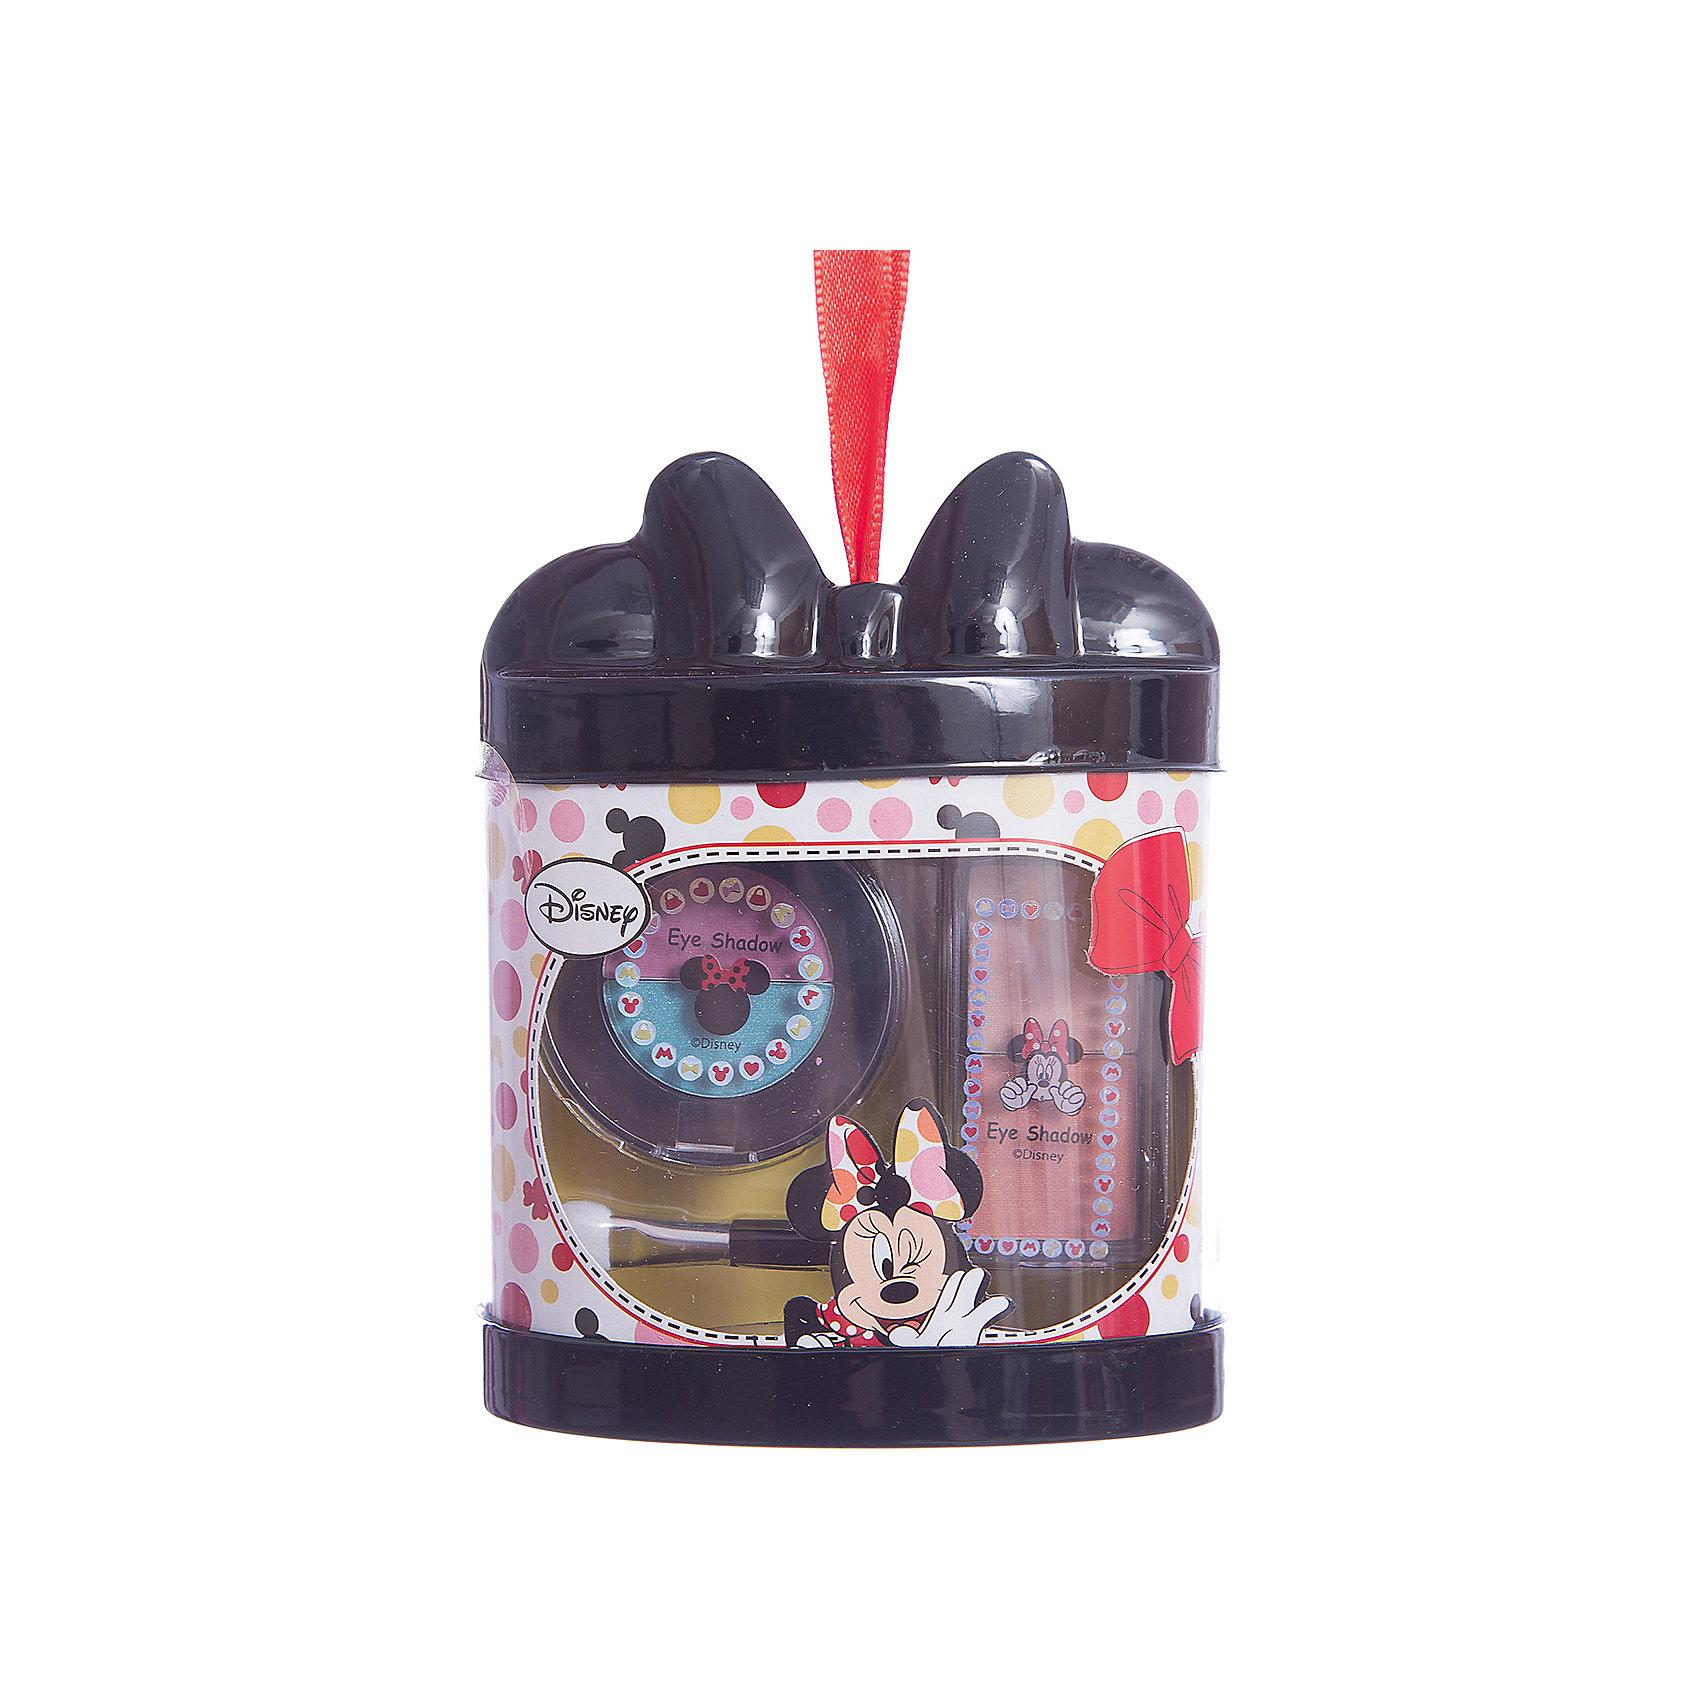 Набор детской косметики Minnie - Тени для векХарактеристики:<br><br>• Наименование: детская декоративная косметика<br>• Предназначение: для сюжетно-ролевых игр<br>• Серия: Микки Маус и его друзья<br>• Пол: для девочки<br>• Материал: натуральные косметические компоненты, пластик, картон<br>• Комплектация: 4 оттенка теней для век, аппликатор<br>• Размеры (Д*Ш*В): 12*9*7 см<br>• Вес: 55 г <br>• Упаковка: картонная коробка с блистером<br><br>Игровой набор детской декоративной косметики для глаз, Минни Маус – это набор игровой детской косметики от Markwins, которая вот уже несколько десятилетий специализируется на выпуске детской косметики. Рецептура декоративной детской косметики разработана совместно с косметологами и медиками, в основе рецептуры – водная основа, а потому она гипоаллергенны, не вызывает раздражений на детской коже и легко смывается, не оставляя следа. Безопасность продукции подтверждена международными сертификатами качества и безопасности. <br>Игровой набор детской декоративной косметики состоит из 2 оттенков теней бежевого цвета, одного бирюзового и одного розового. В наборе предусмотрен аппликатор, с помощью которого удобно наносить тени на веки. Косметические средства, входящие в состав набора, имеют длительный срок хранения – 12 месяцев. Набор выполнен в брендовом дизайне популярной серии Микки Маус и его друзья. Игровой набор детской декоративной косметики от Markwins может стать незаменимым праздничным подарком для любой маленькой модницы!<br><br>Игровой набор детской декоративной косметики для глаз, Минни Маус можно купить в нашем интернет-магазине.<br><br>Ширина мм: 90<br>Глубина мм: 120<br>Высота мм: 50<br>Вес г: 78<br>Возраст от месяцев: 48<br>Возраст до месяцев: 120<br>Пол: Женский<br>Возраст: Детский<br>SKU: 5124713